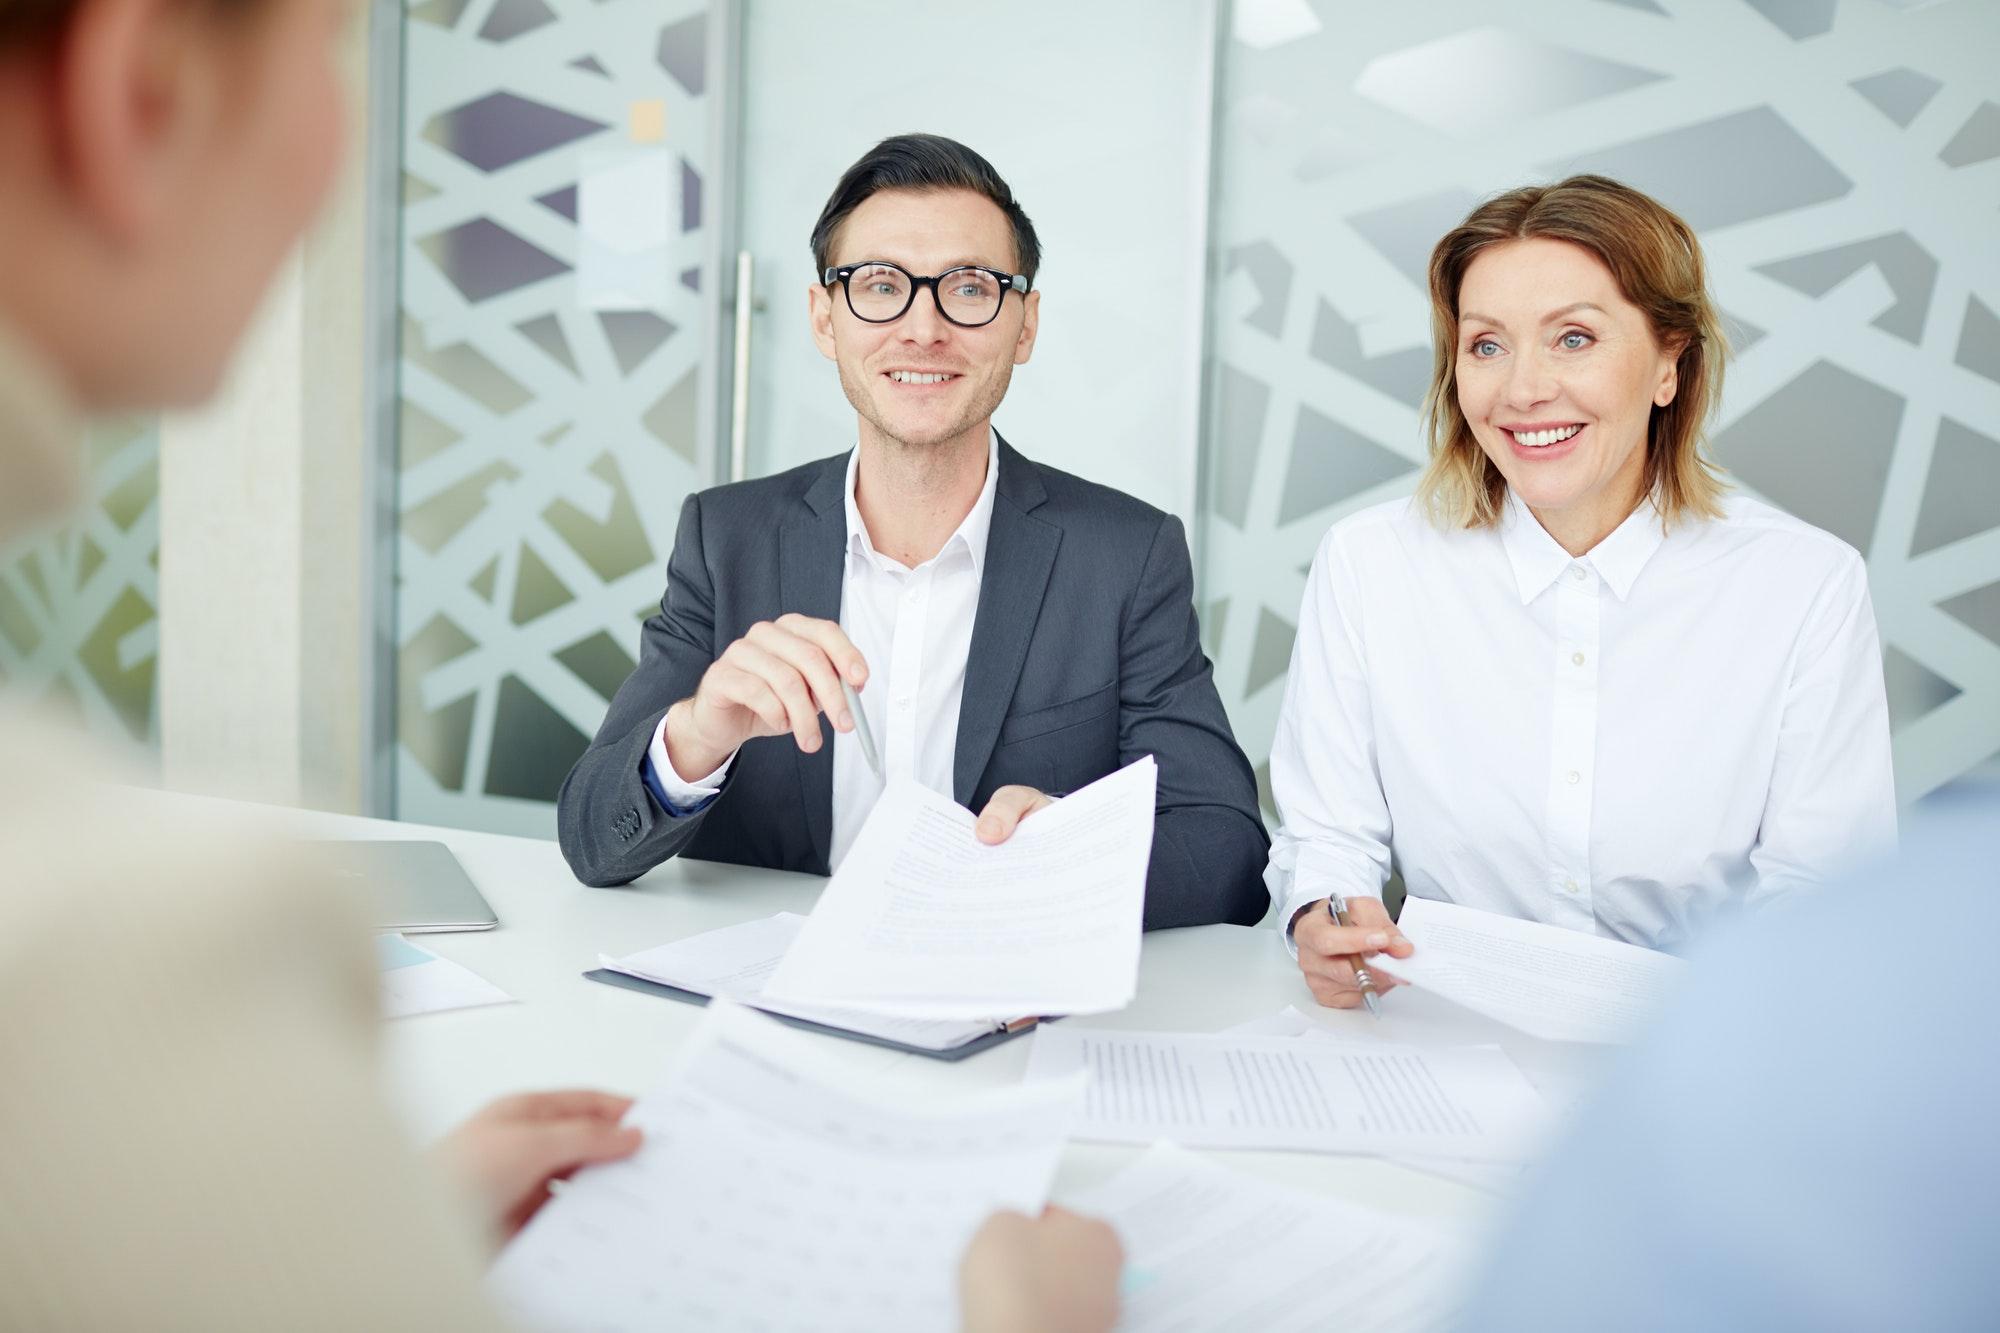 entreprises-avocat-contrats-consommation-avant-conclusion-agn-avocats.jpg